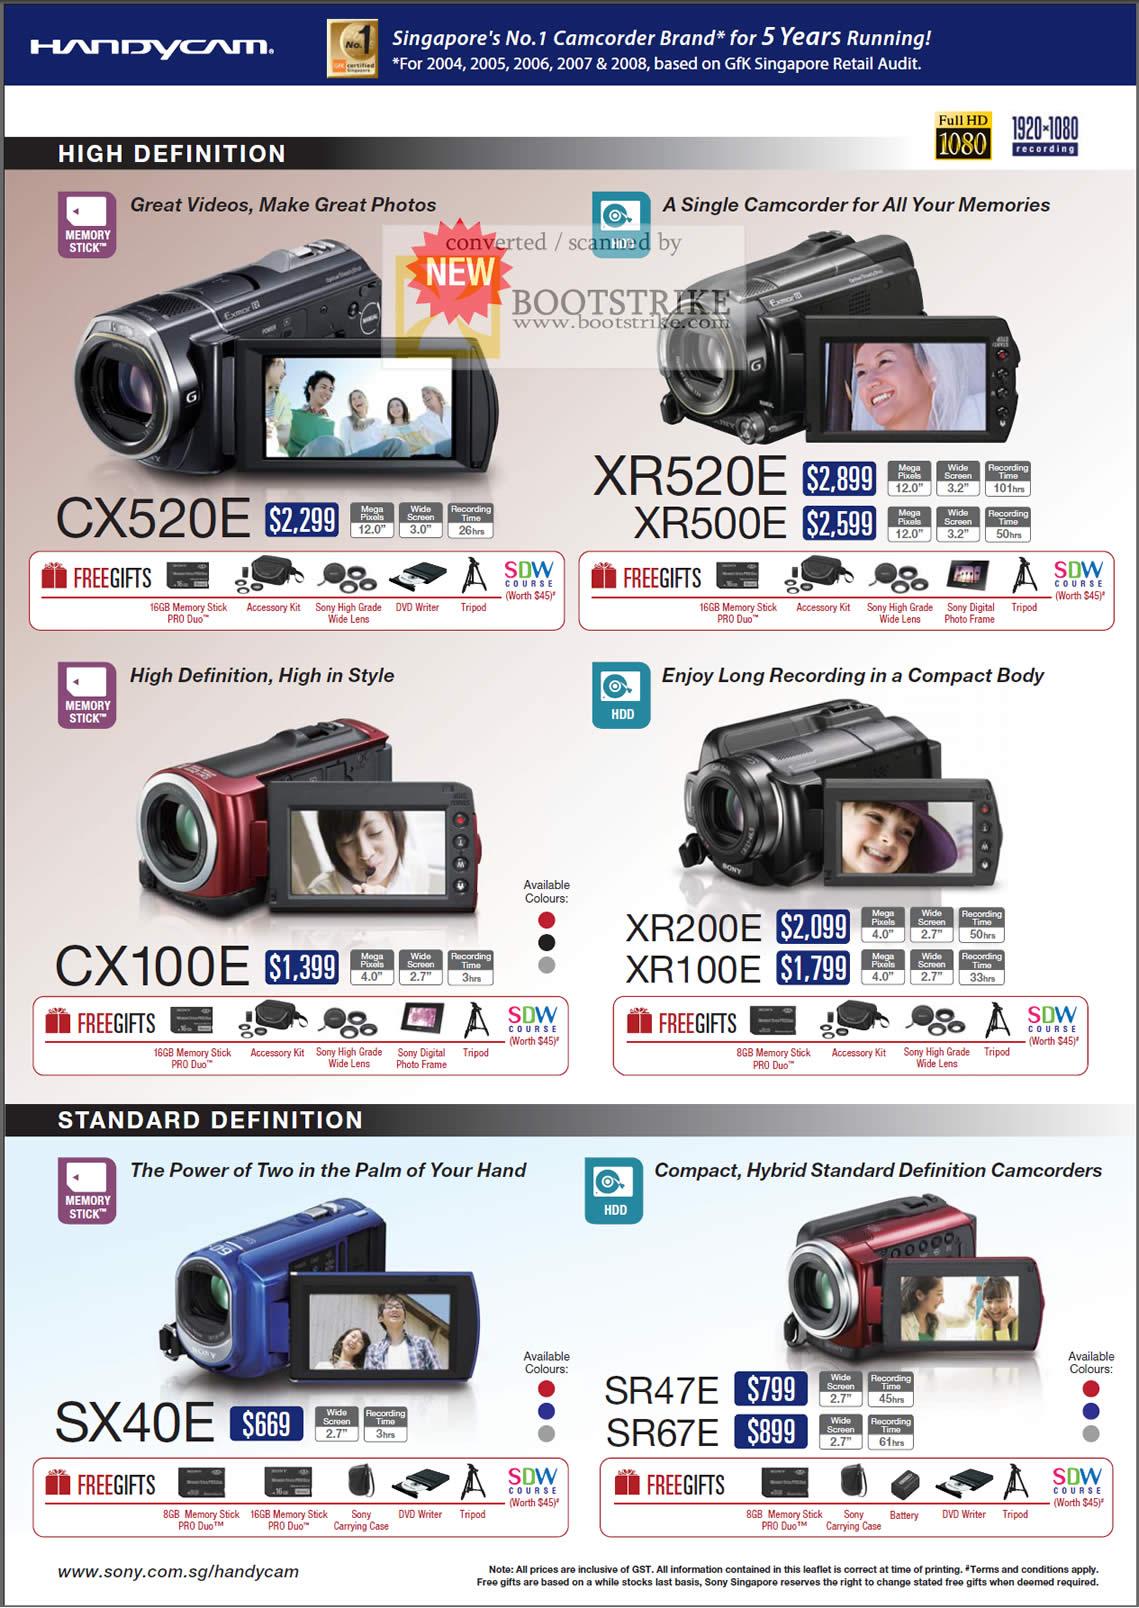 Comex 2009 price list image brochure of Sony HandyCam Camcorders CX520E XR520E XR500E CX100E XR200E XR100E SX40E SR47E SR67E